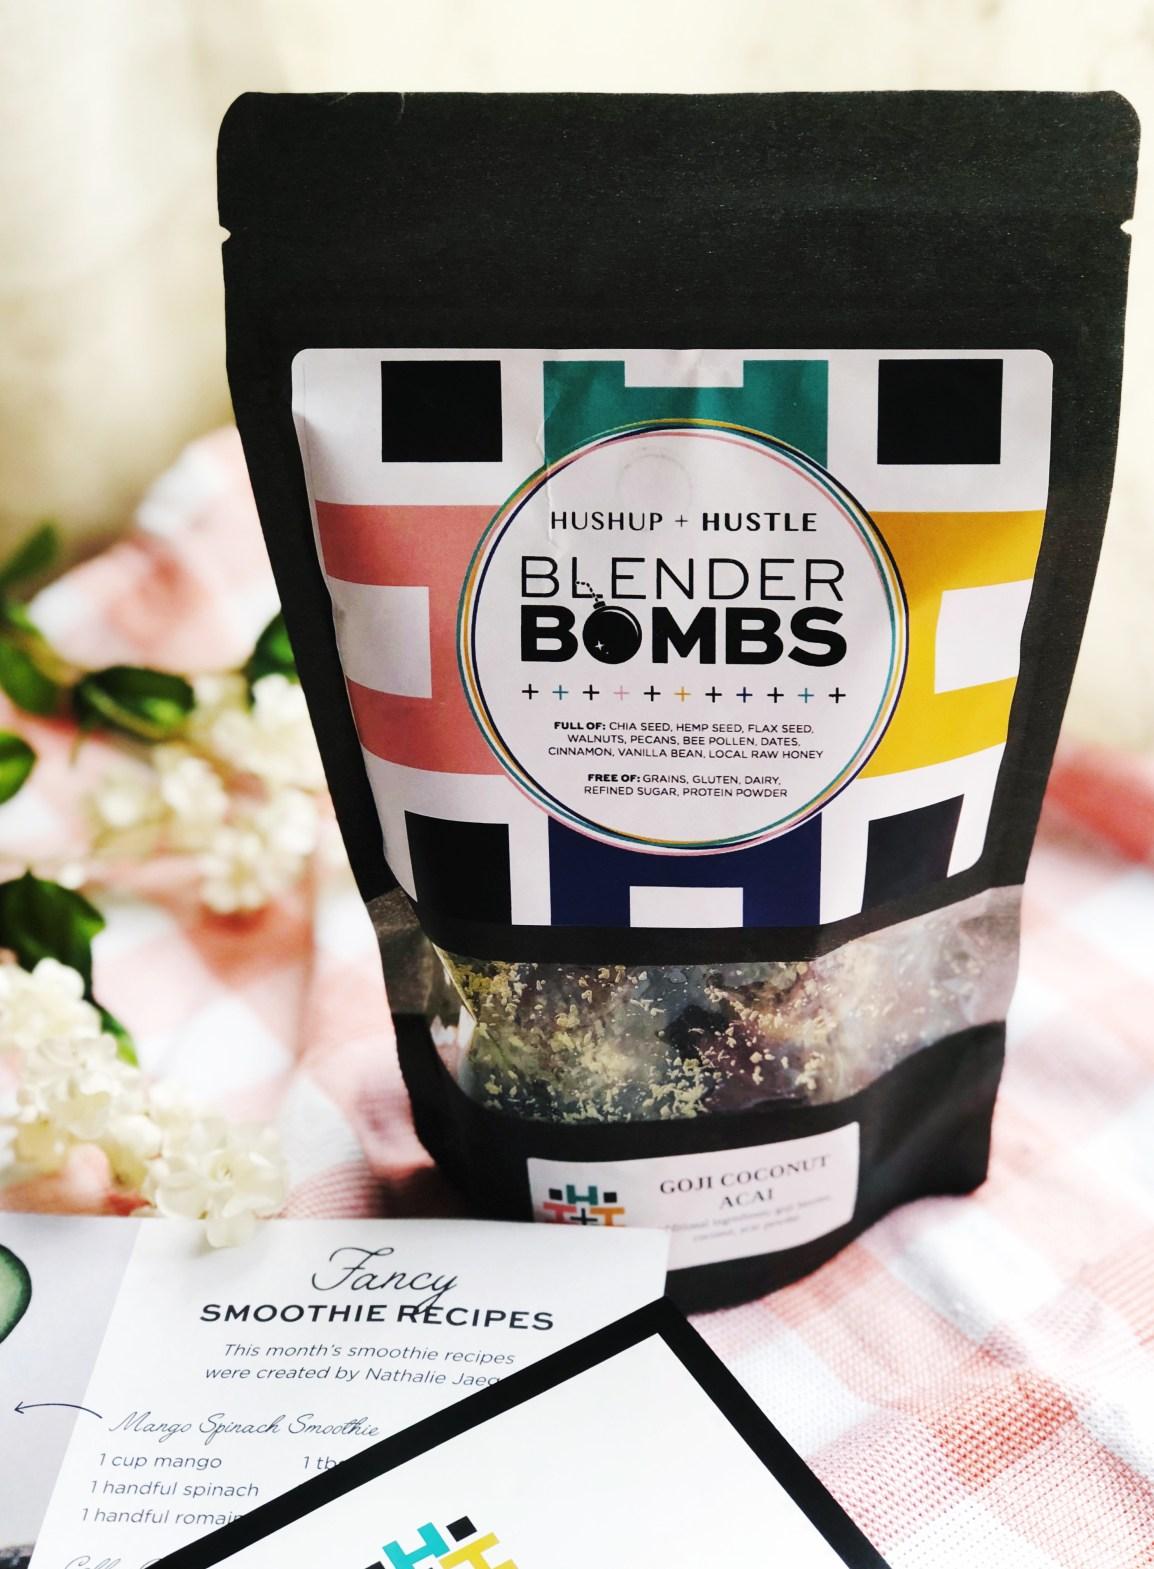 blender bombs package